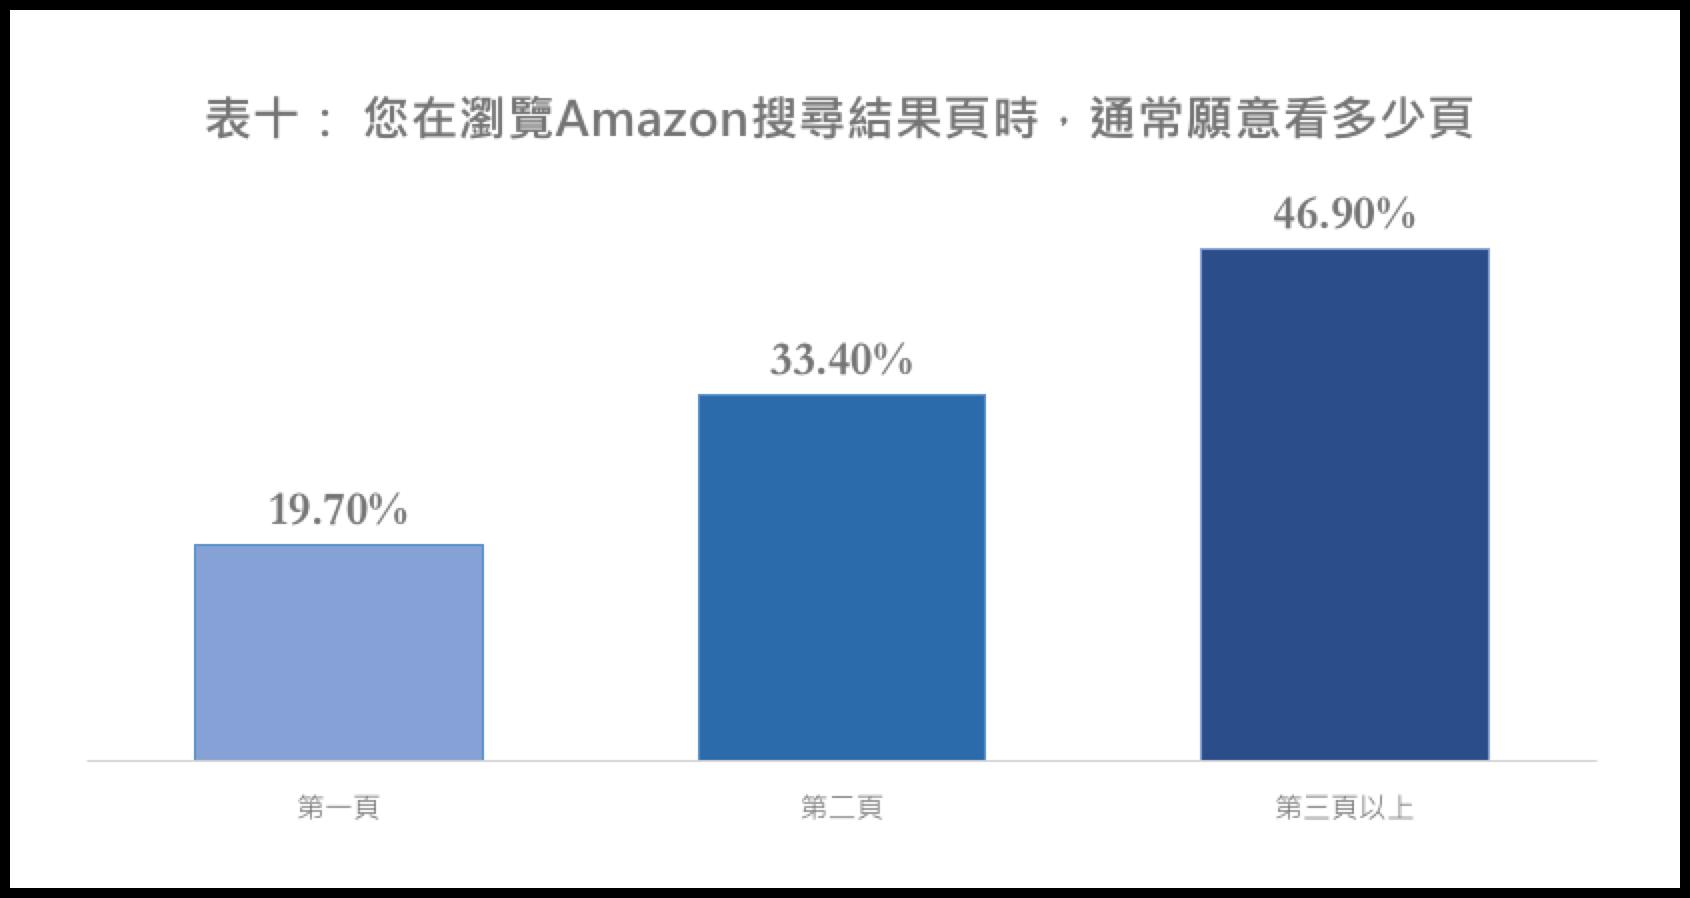 瀏覽Amazon搜尋結果,最多的頁數上限